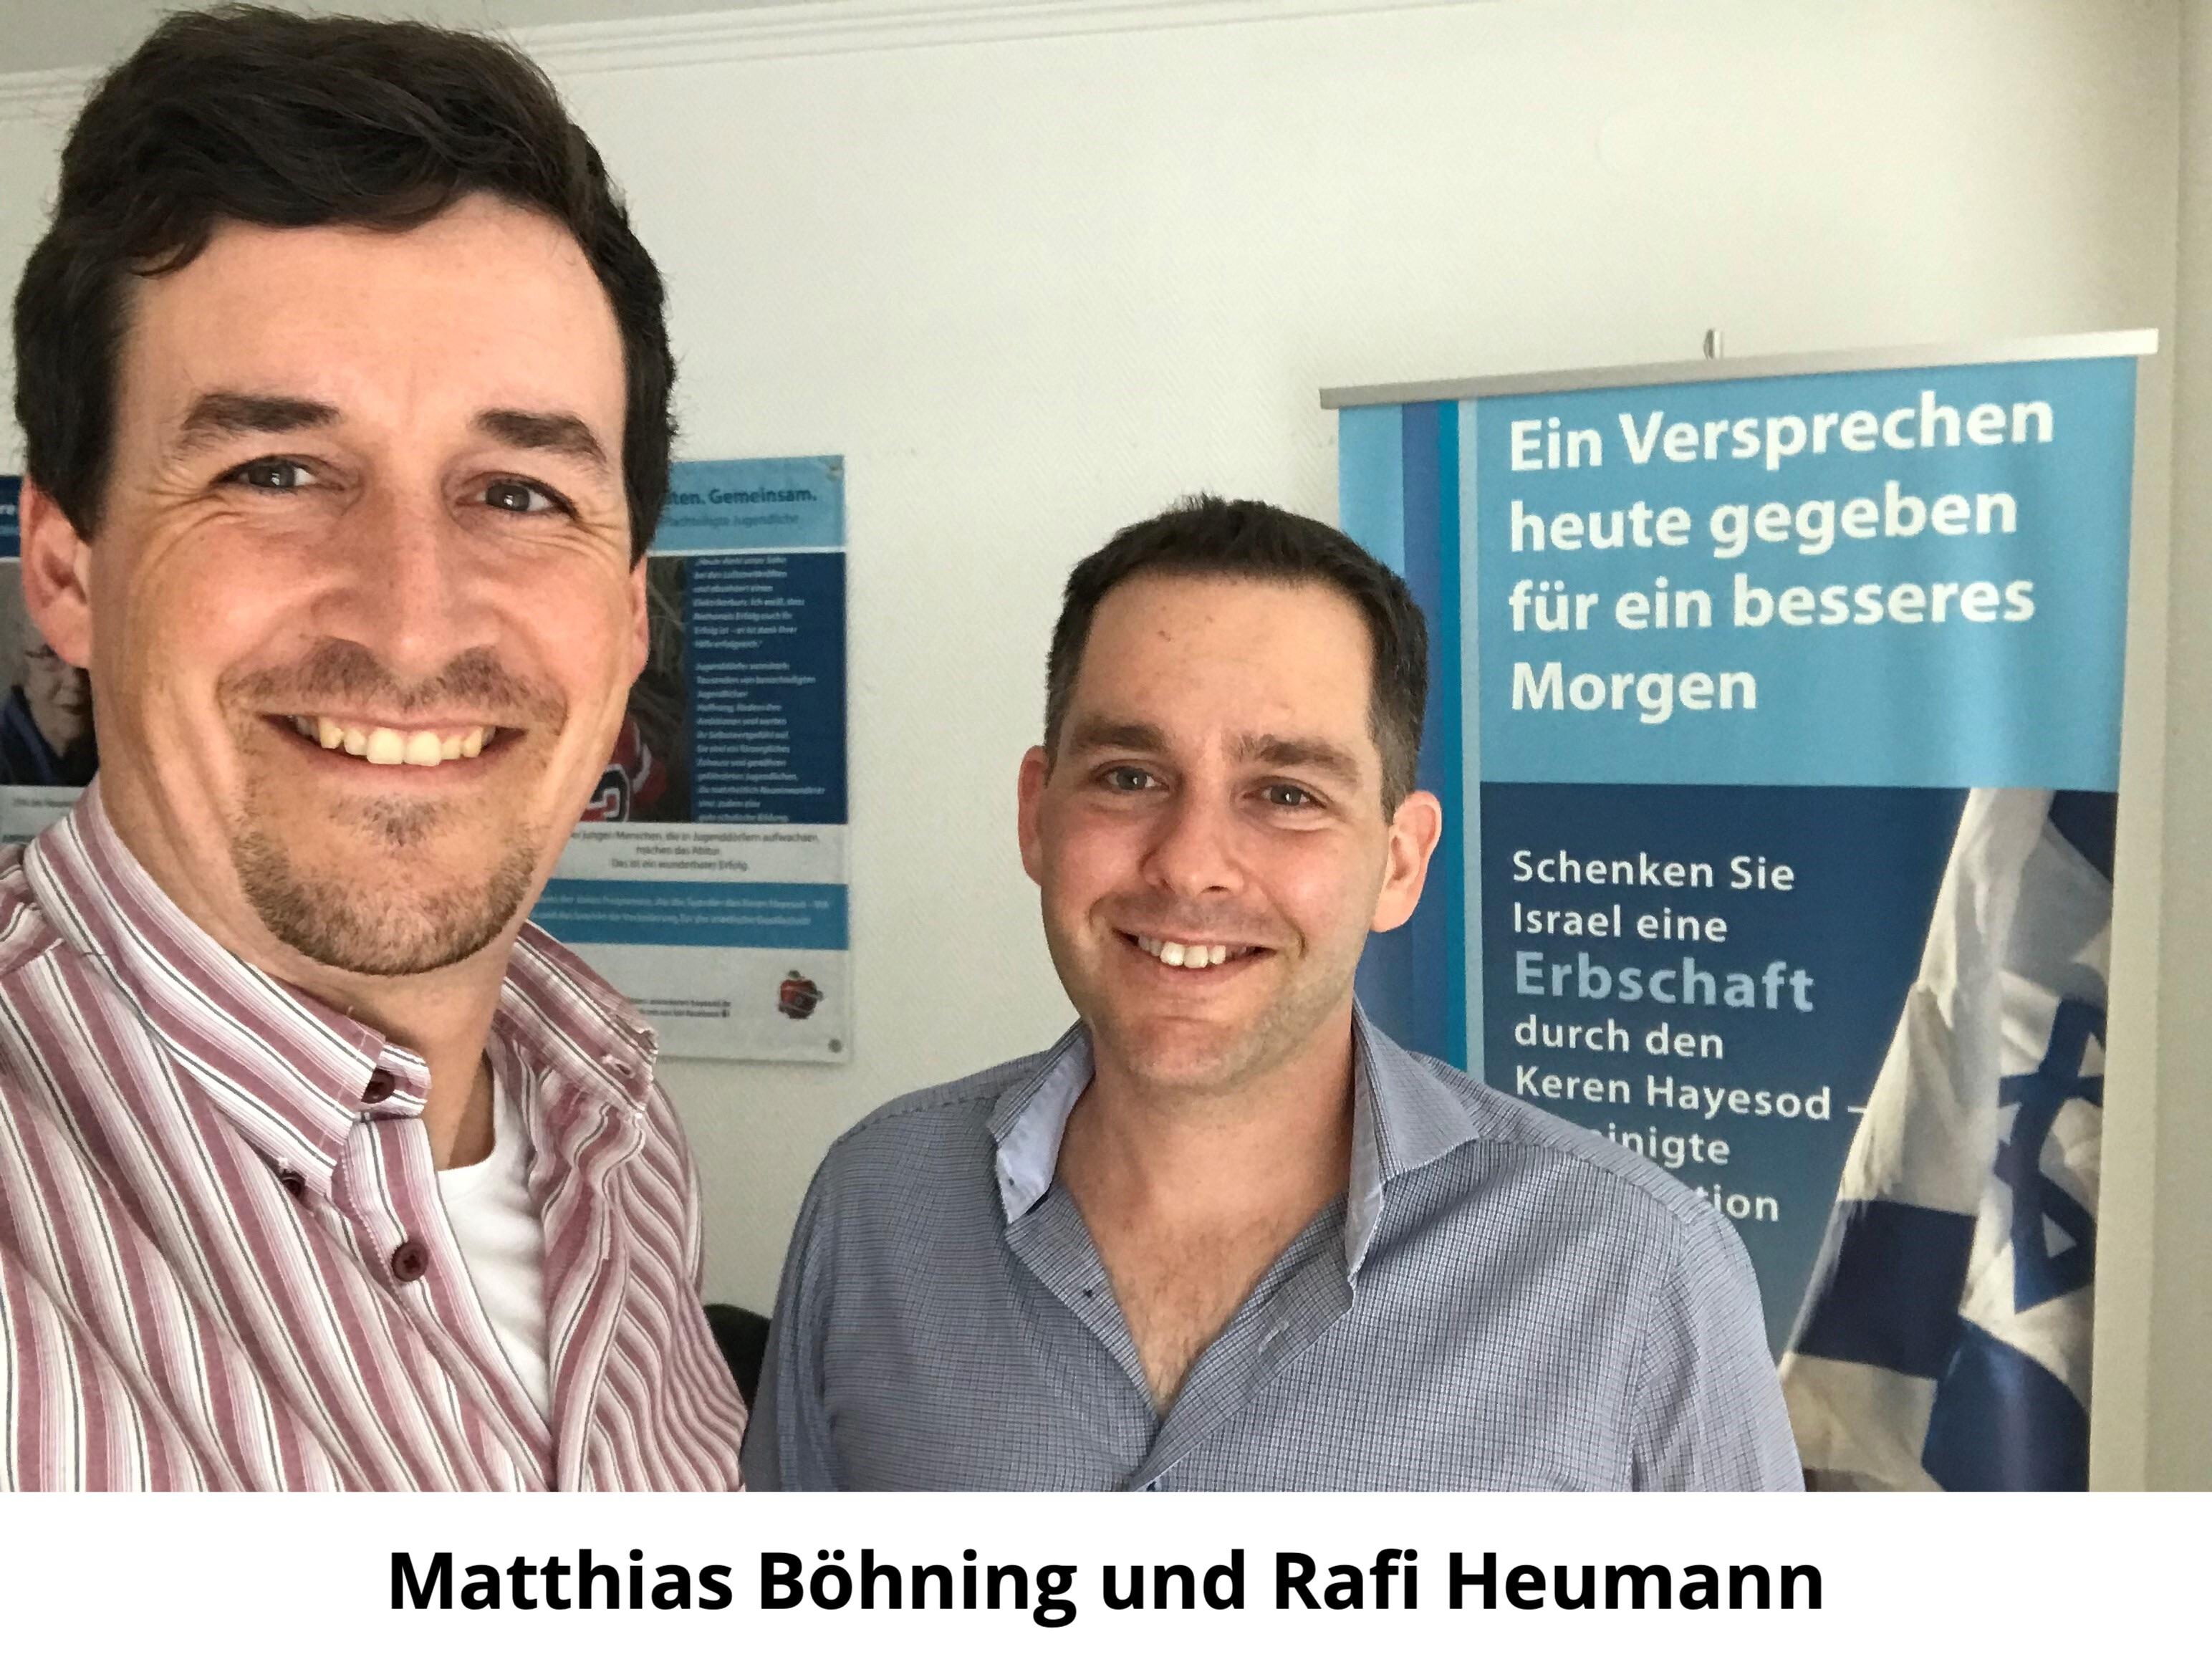 Matthias Böhning und Rafi Heumann